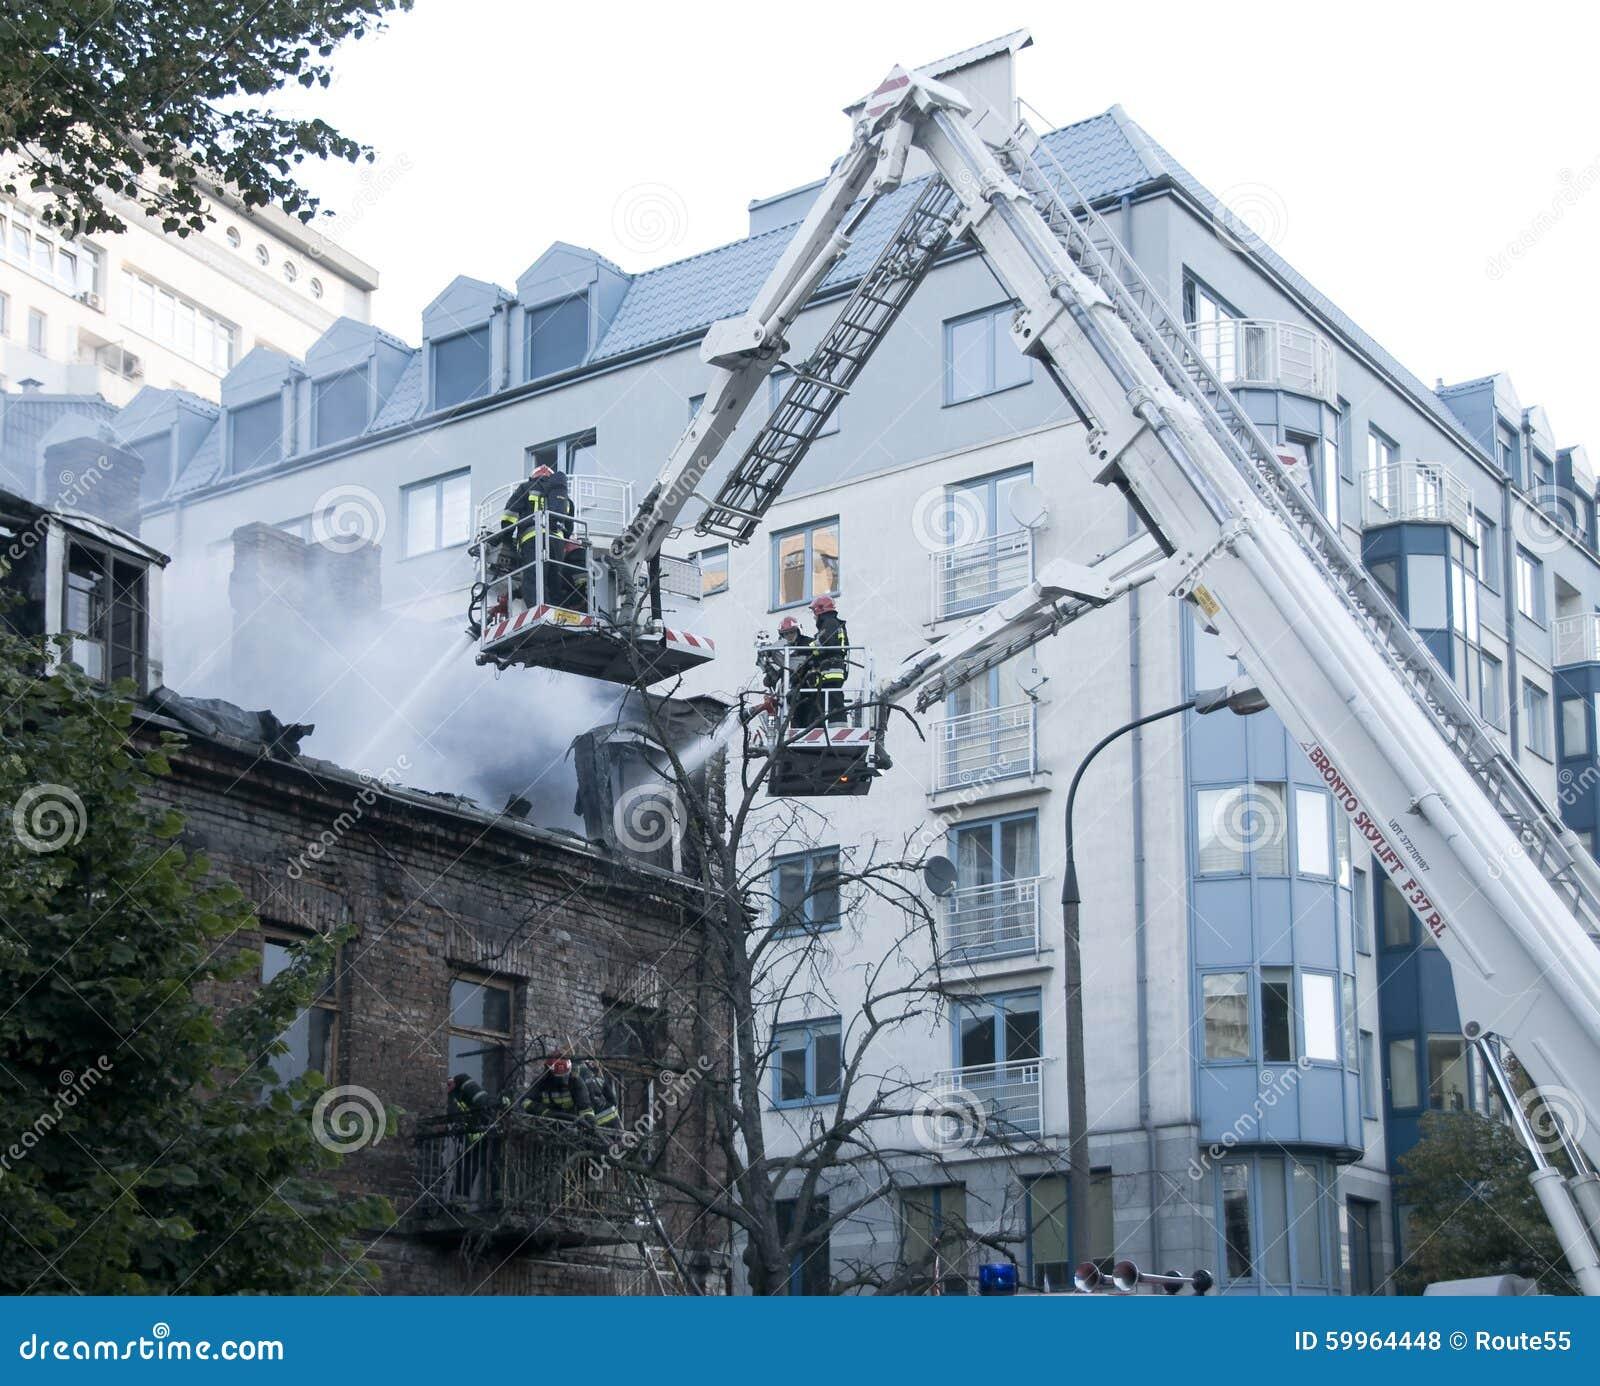 Feuerwehrmänner in der Tätigkeit